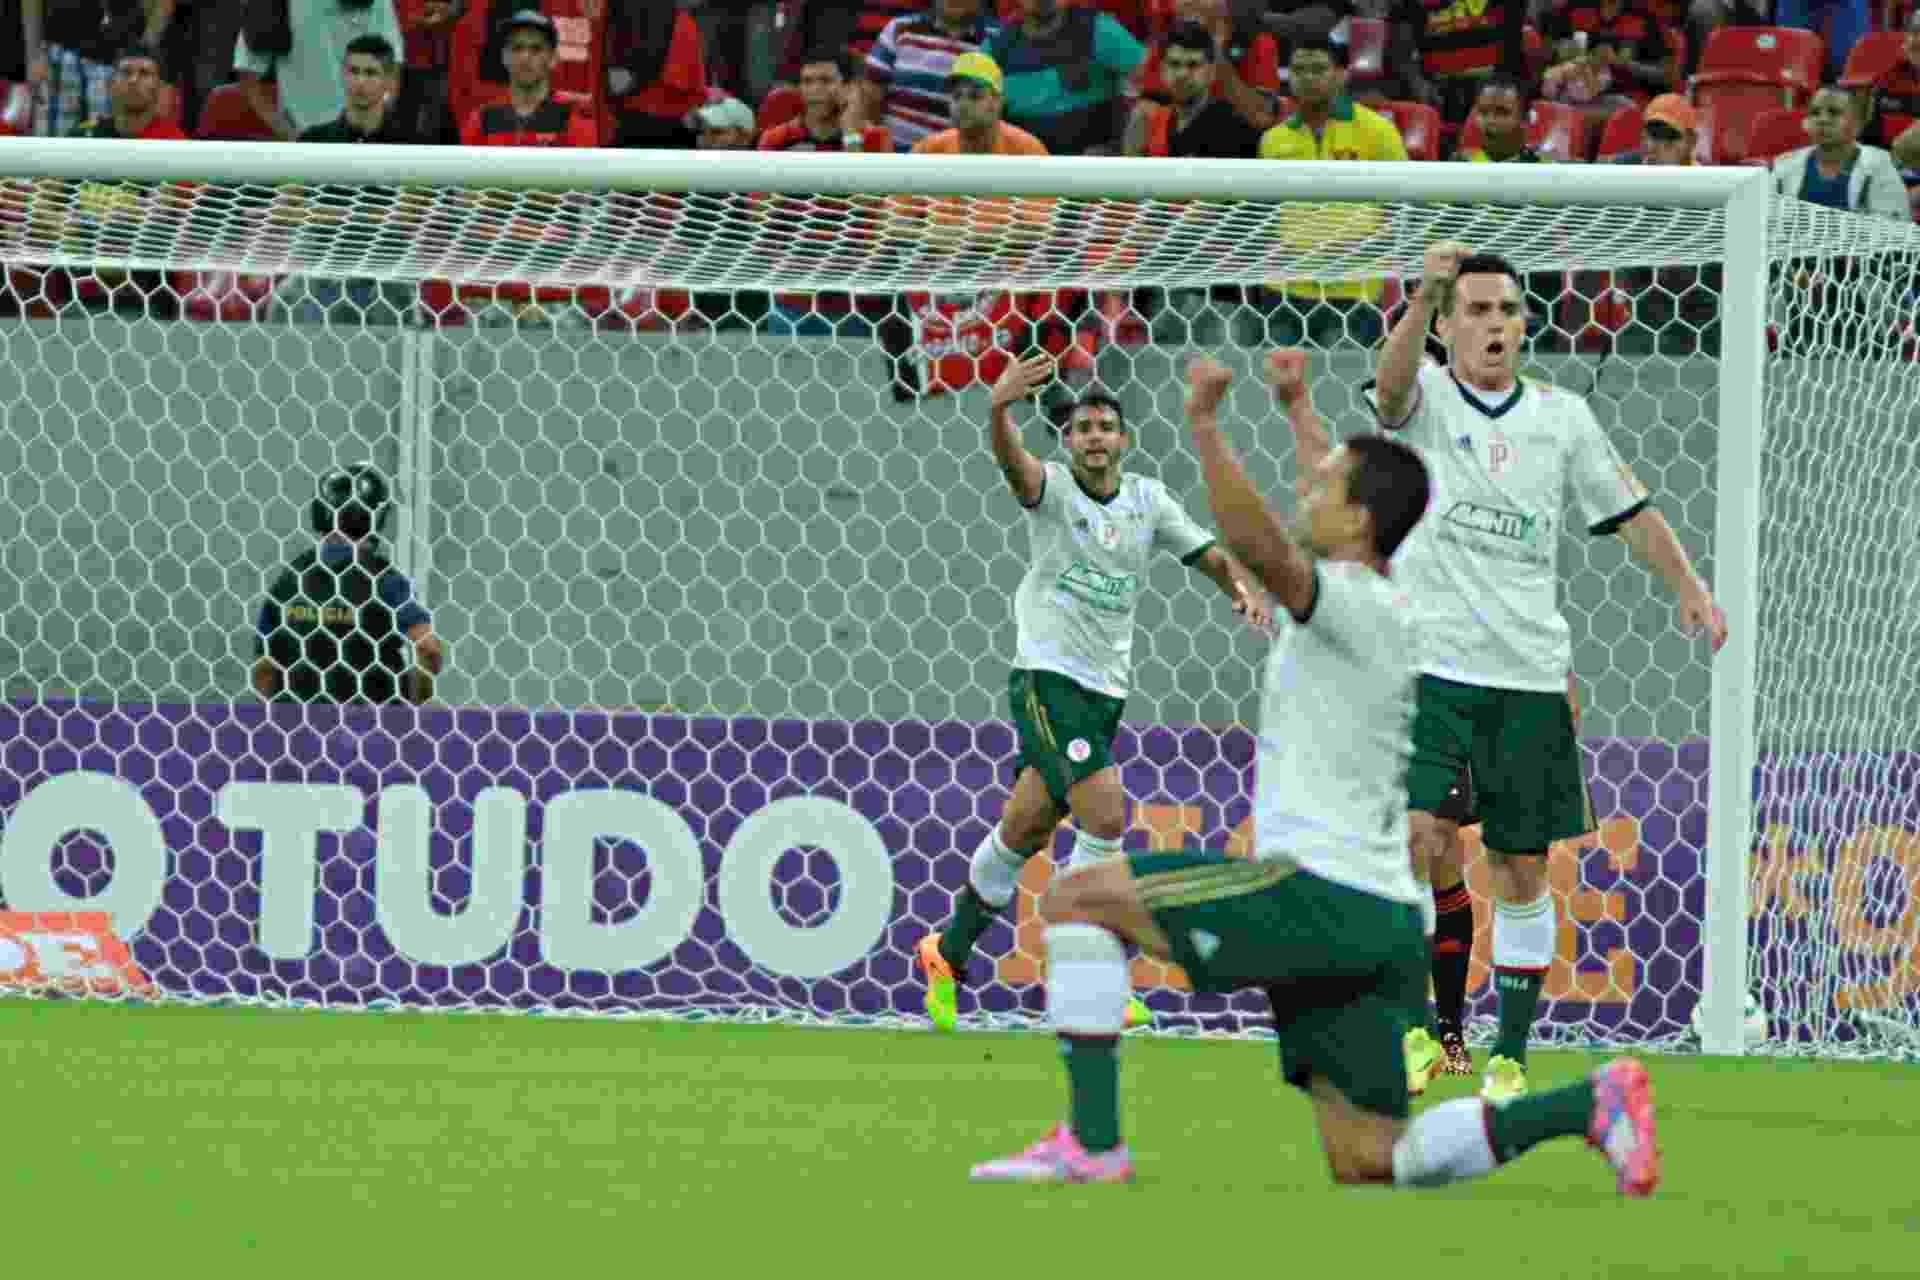 Jogadores do Palmeiras comemoram gol contra o Sport pelo Brasileirão - Renato Spencer/Getty Images